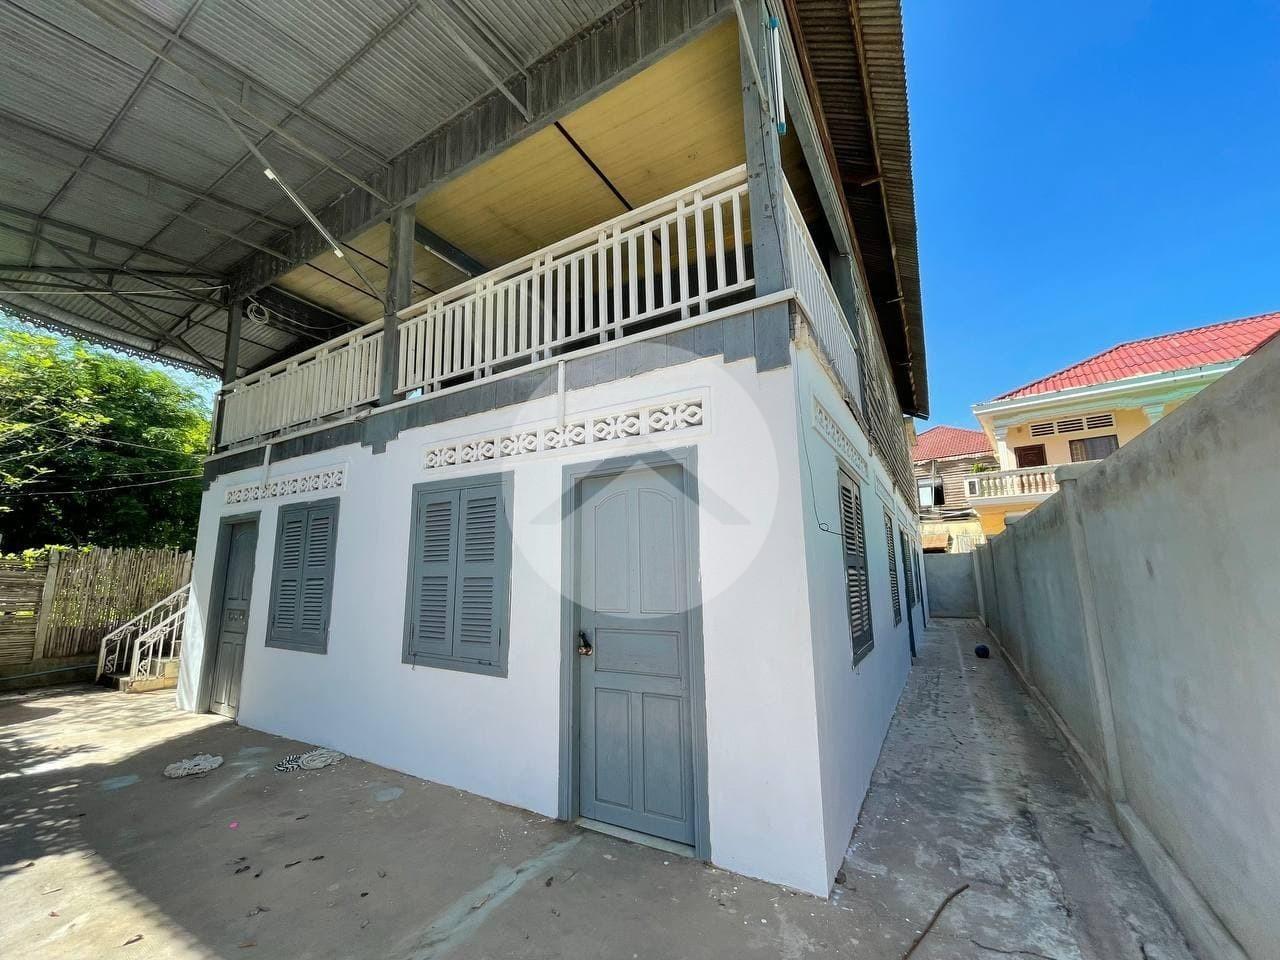 4 Bedroom House For Rent - Slor Kram, Siem Reap